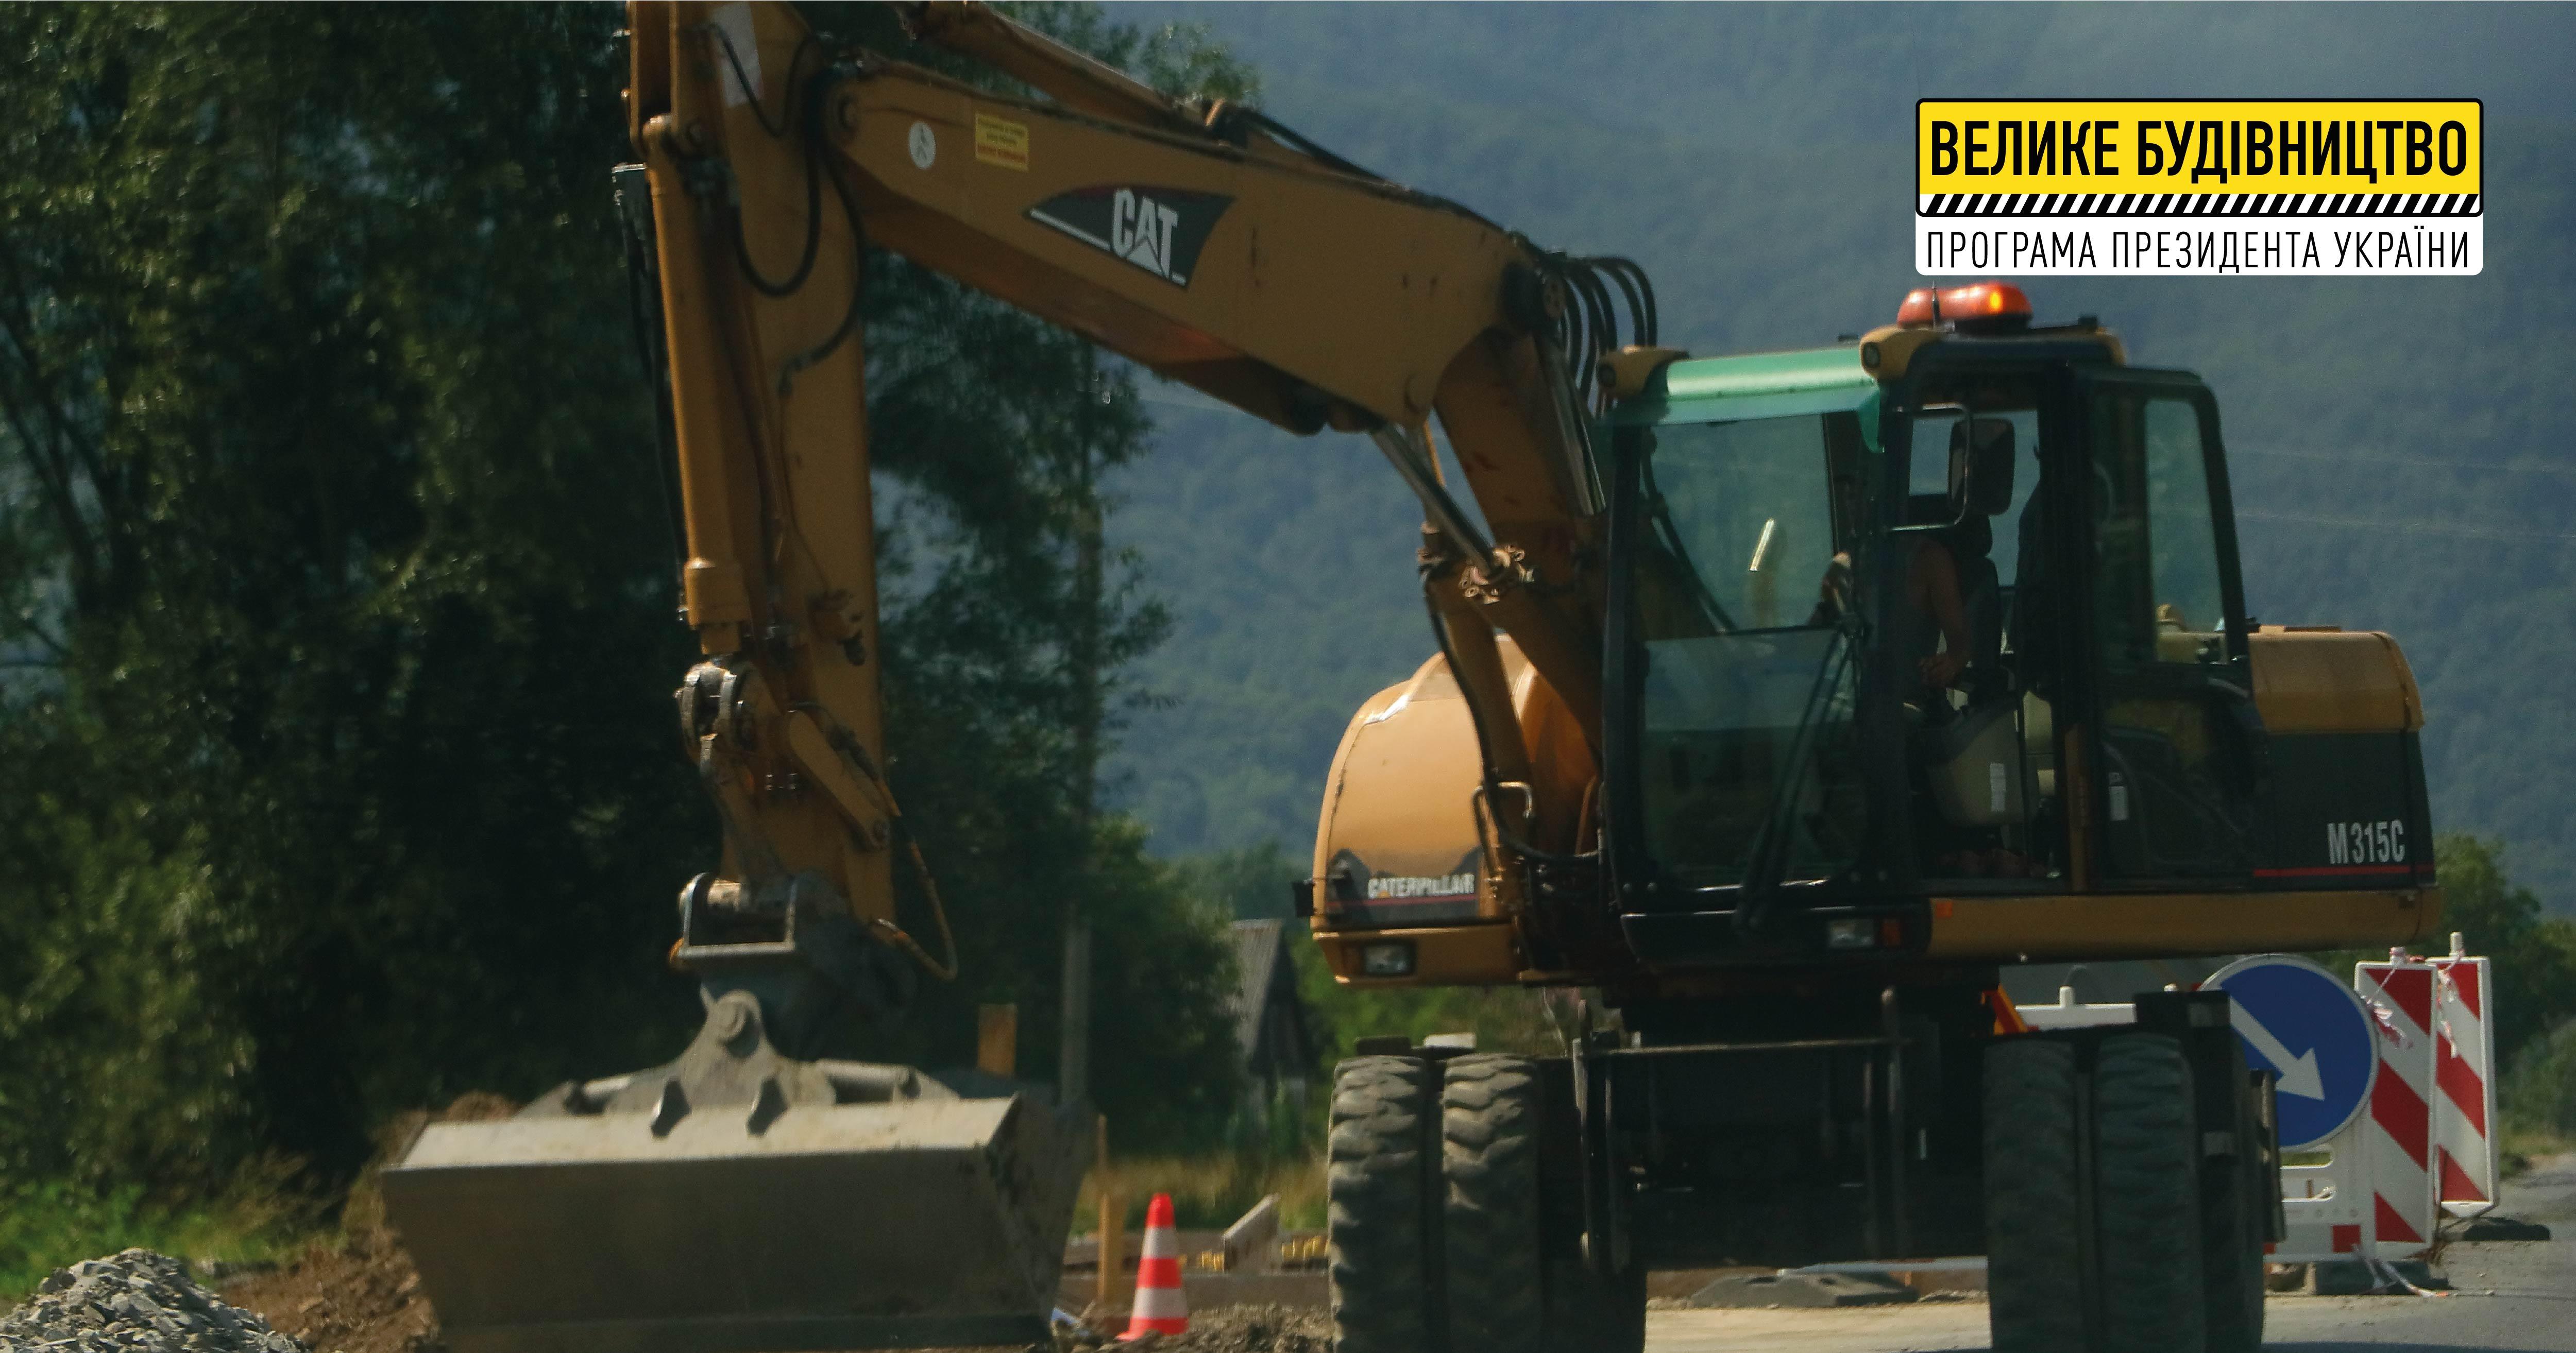 У межах «Великого будівництва» на Хустщині ремонтують мостові переходи